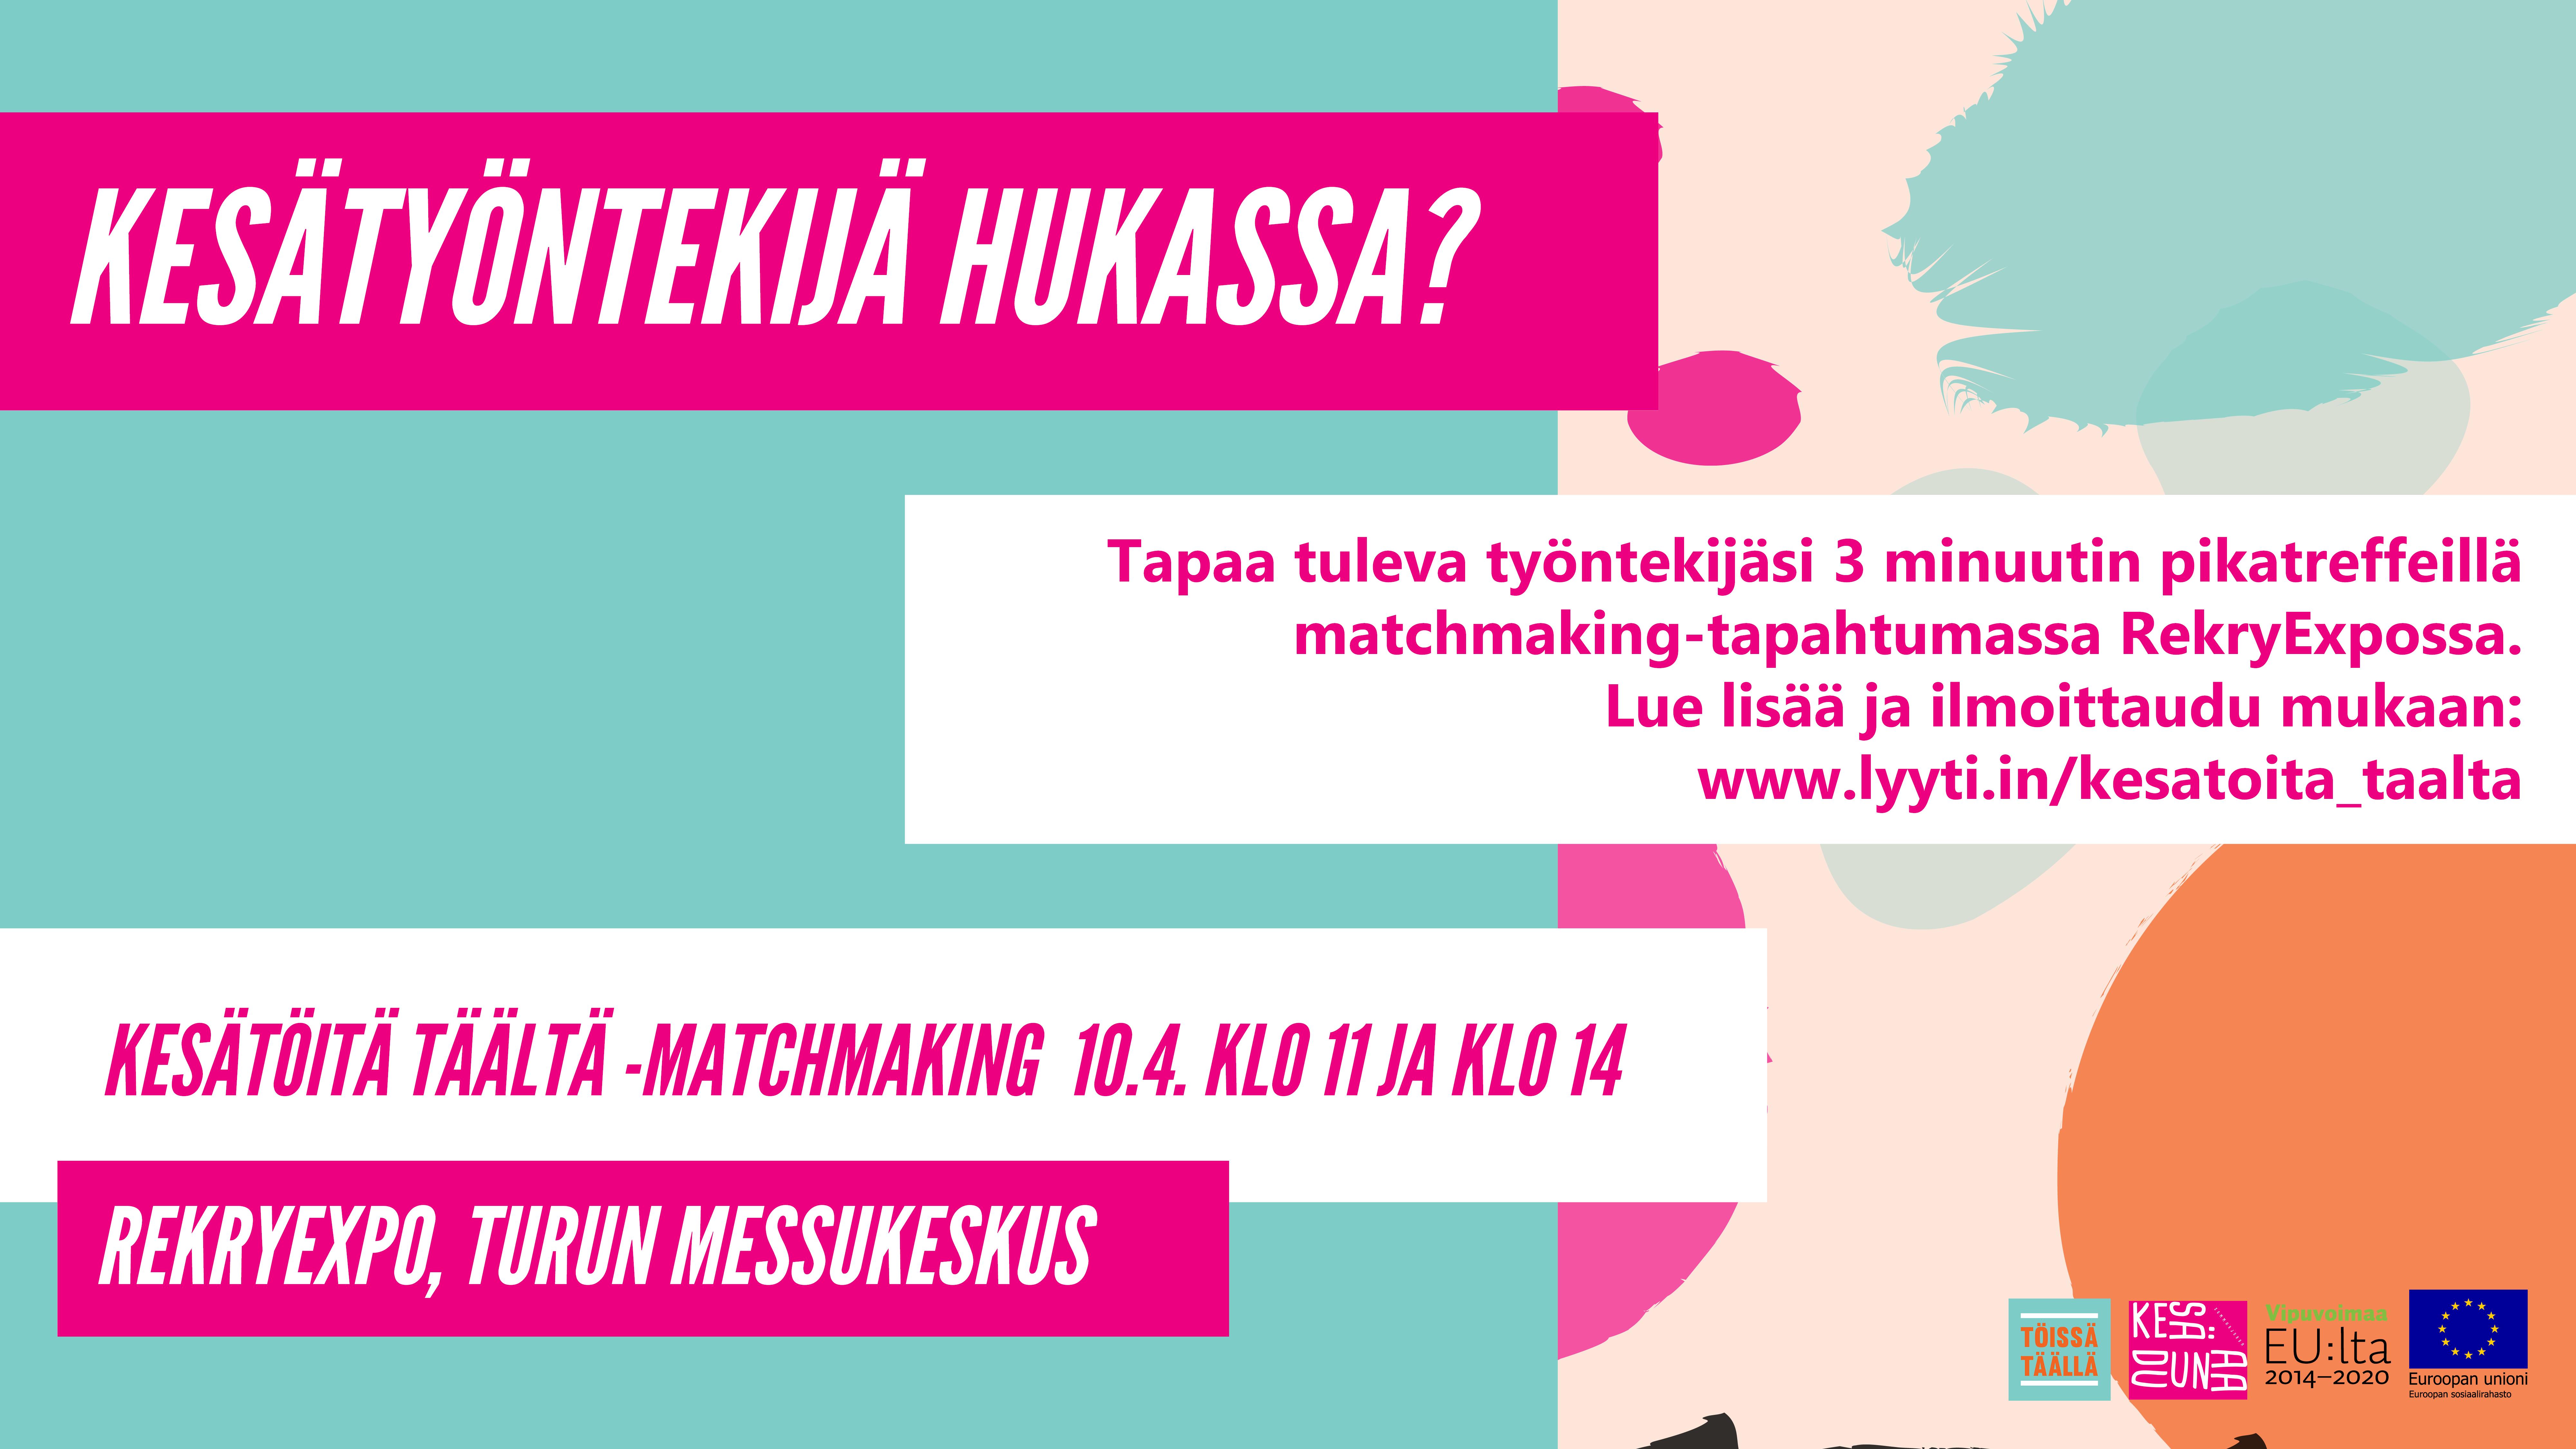 paras matchmaking yritys 100 dating kysymyksiä kysyä tyttö ystäväsi